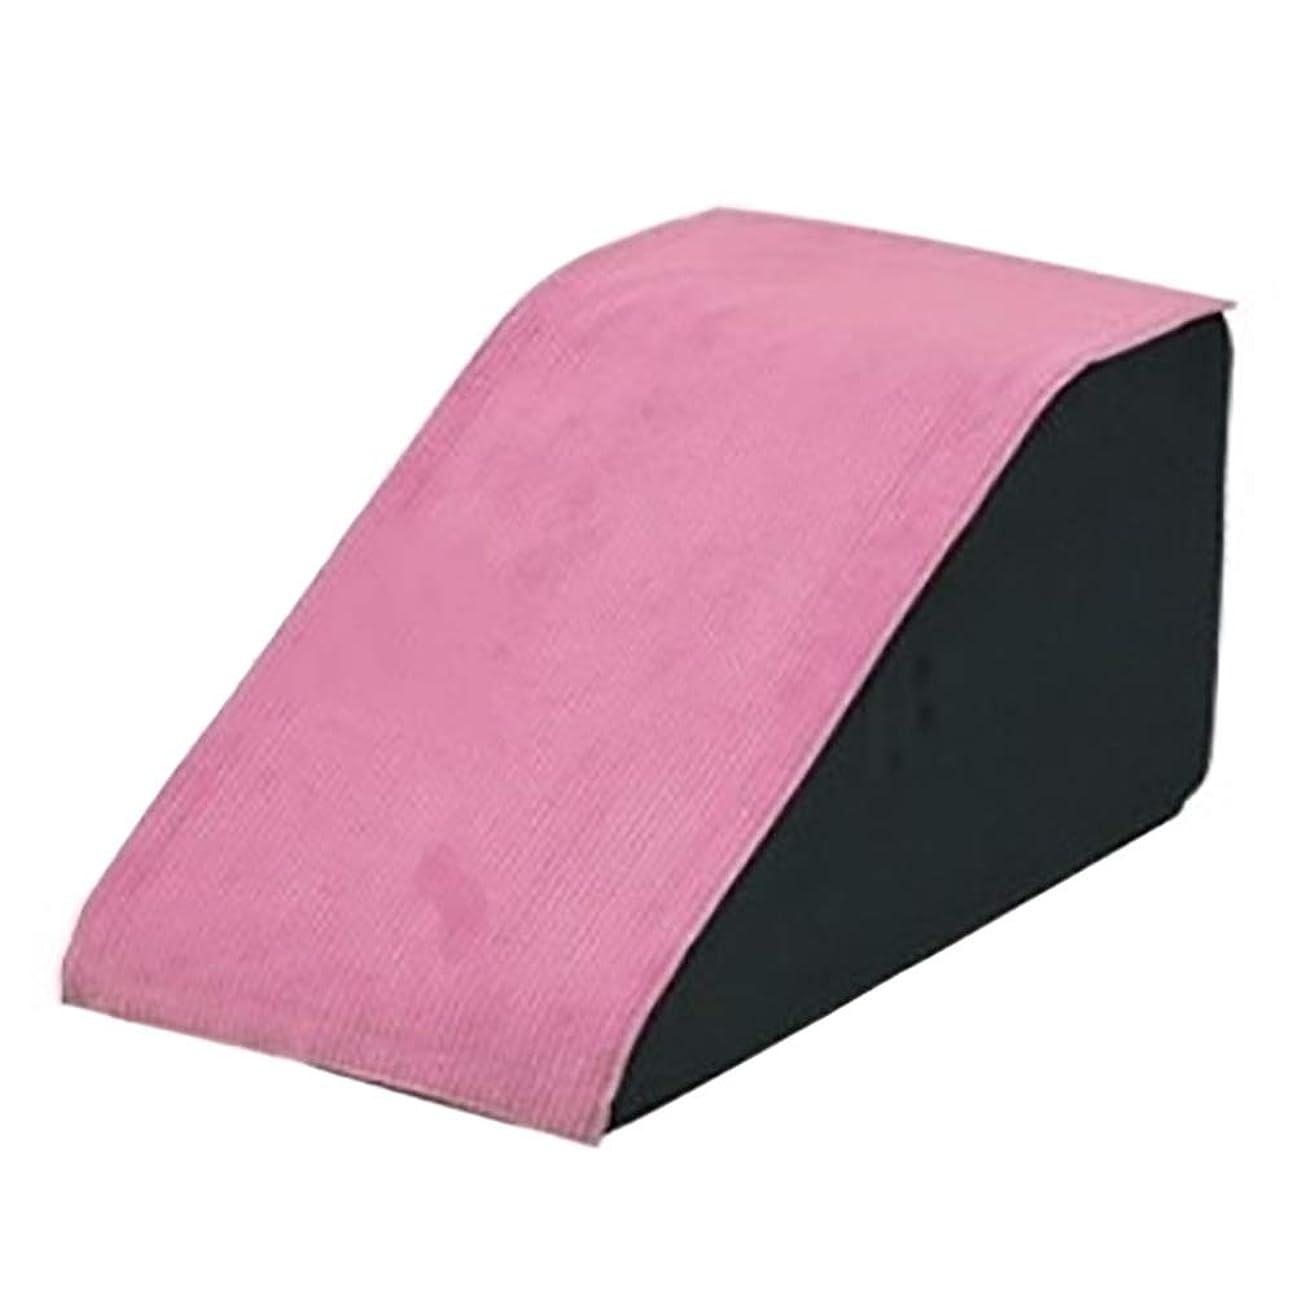 勝者パパ心臓ドッグステップ- 中型から大型ペット、ソファ/ベッド、ピンクペット用傾斜路(50kg以内)、洗えるカバー (サイズ さいず : S-High 30cm)